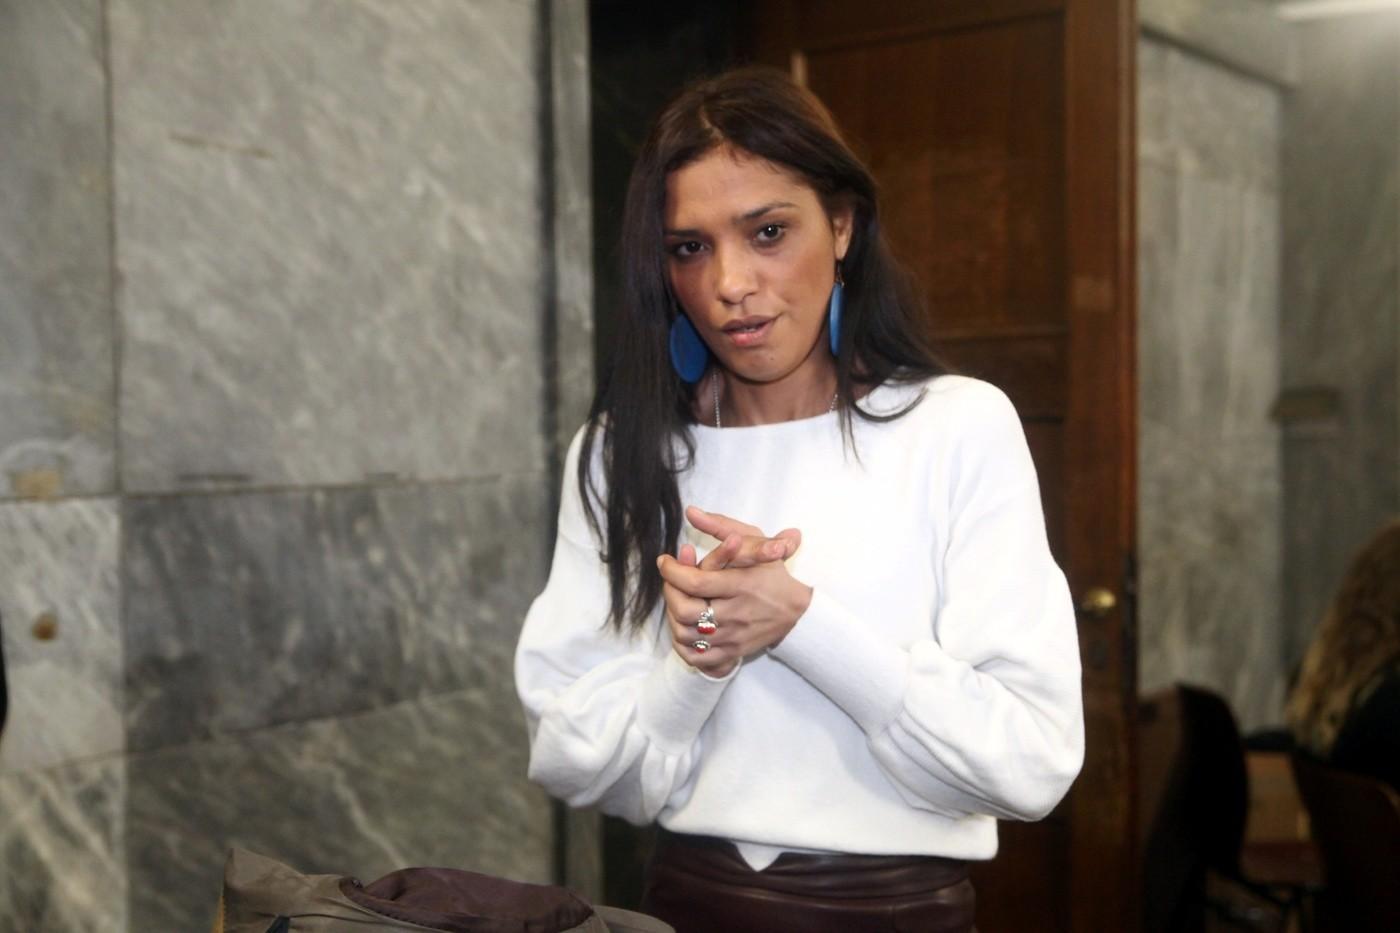 Nessuna traccia di radioattività negli organi di Imane Fadil